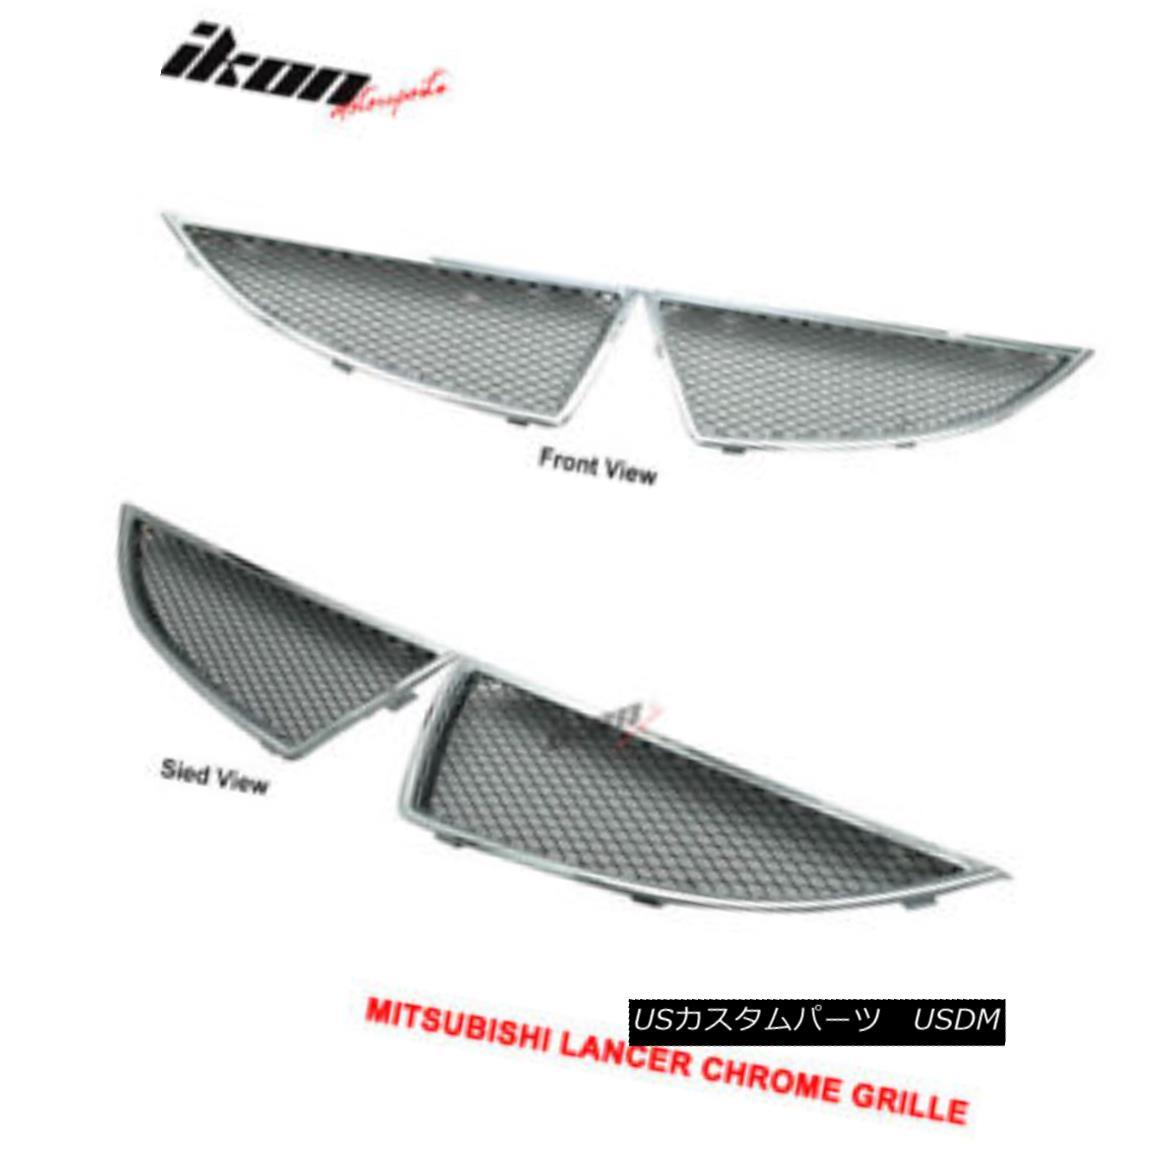 グリル Fits 04-05 Mitsubishi Lancer OZ Chrome Mesh Hood Grille ABS フィット04-05三菱ランサーOZクロムメッシュフードグリルABS